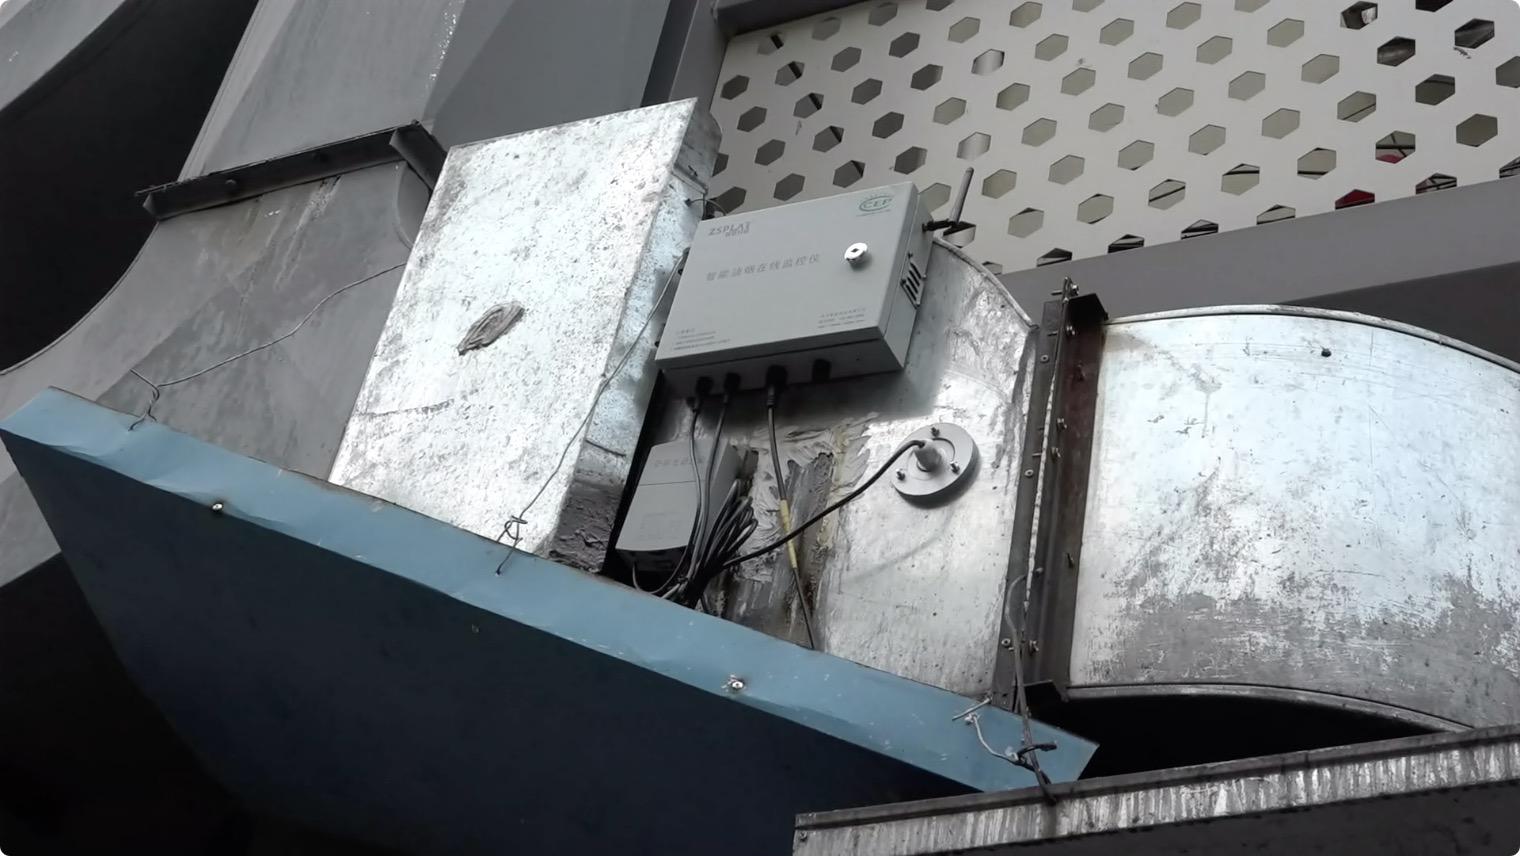 后标营33号楼后的智能油烟监控装置。